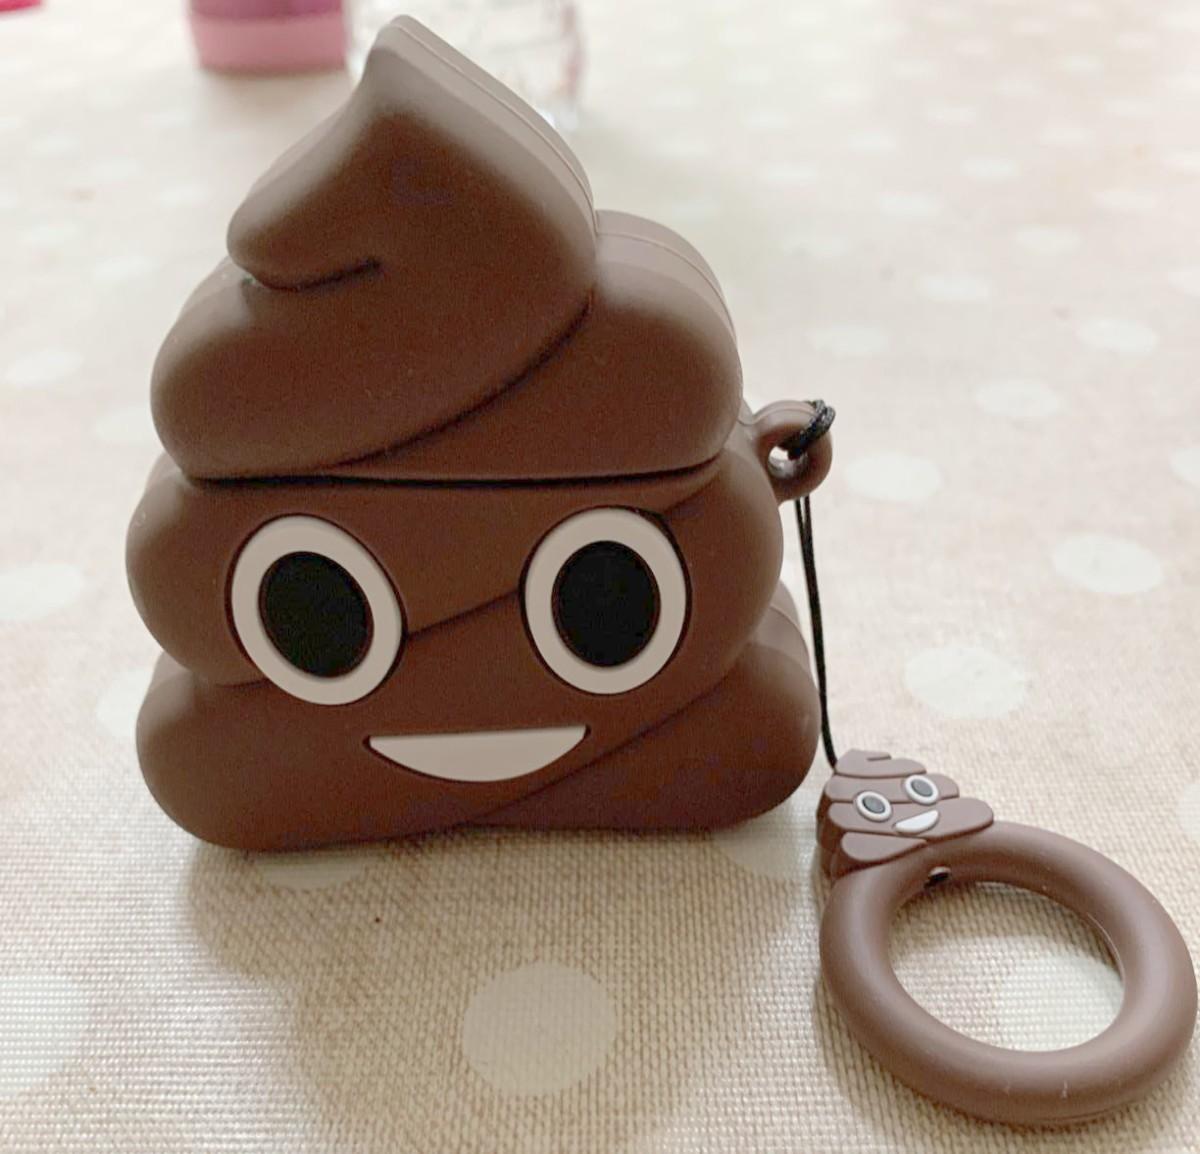 poop emoji Airpods case